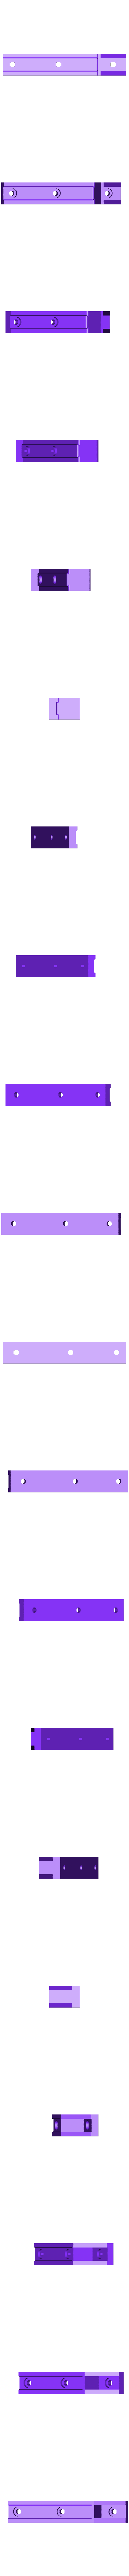 MinimalistHandSanitizerBottleHolderV1.stl Télécharger fichier STL gratuit Porte-bouteille minimaliste de désinfectant pour les mains • Modèle imprimable en 3D, ThinkSolutions